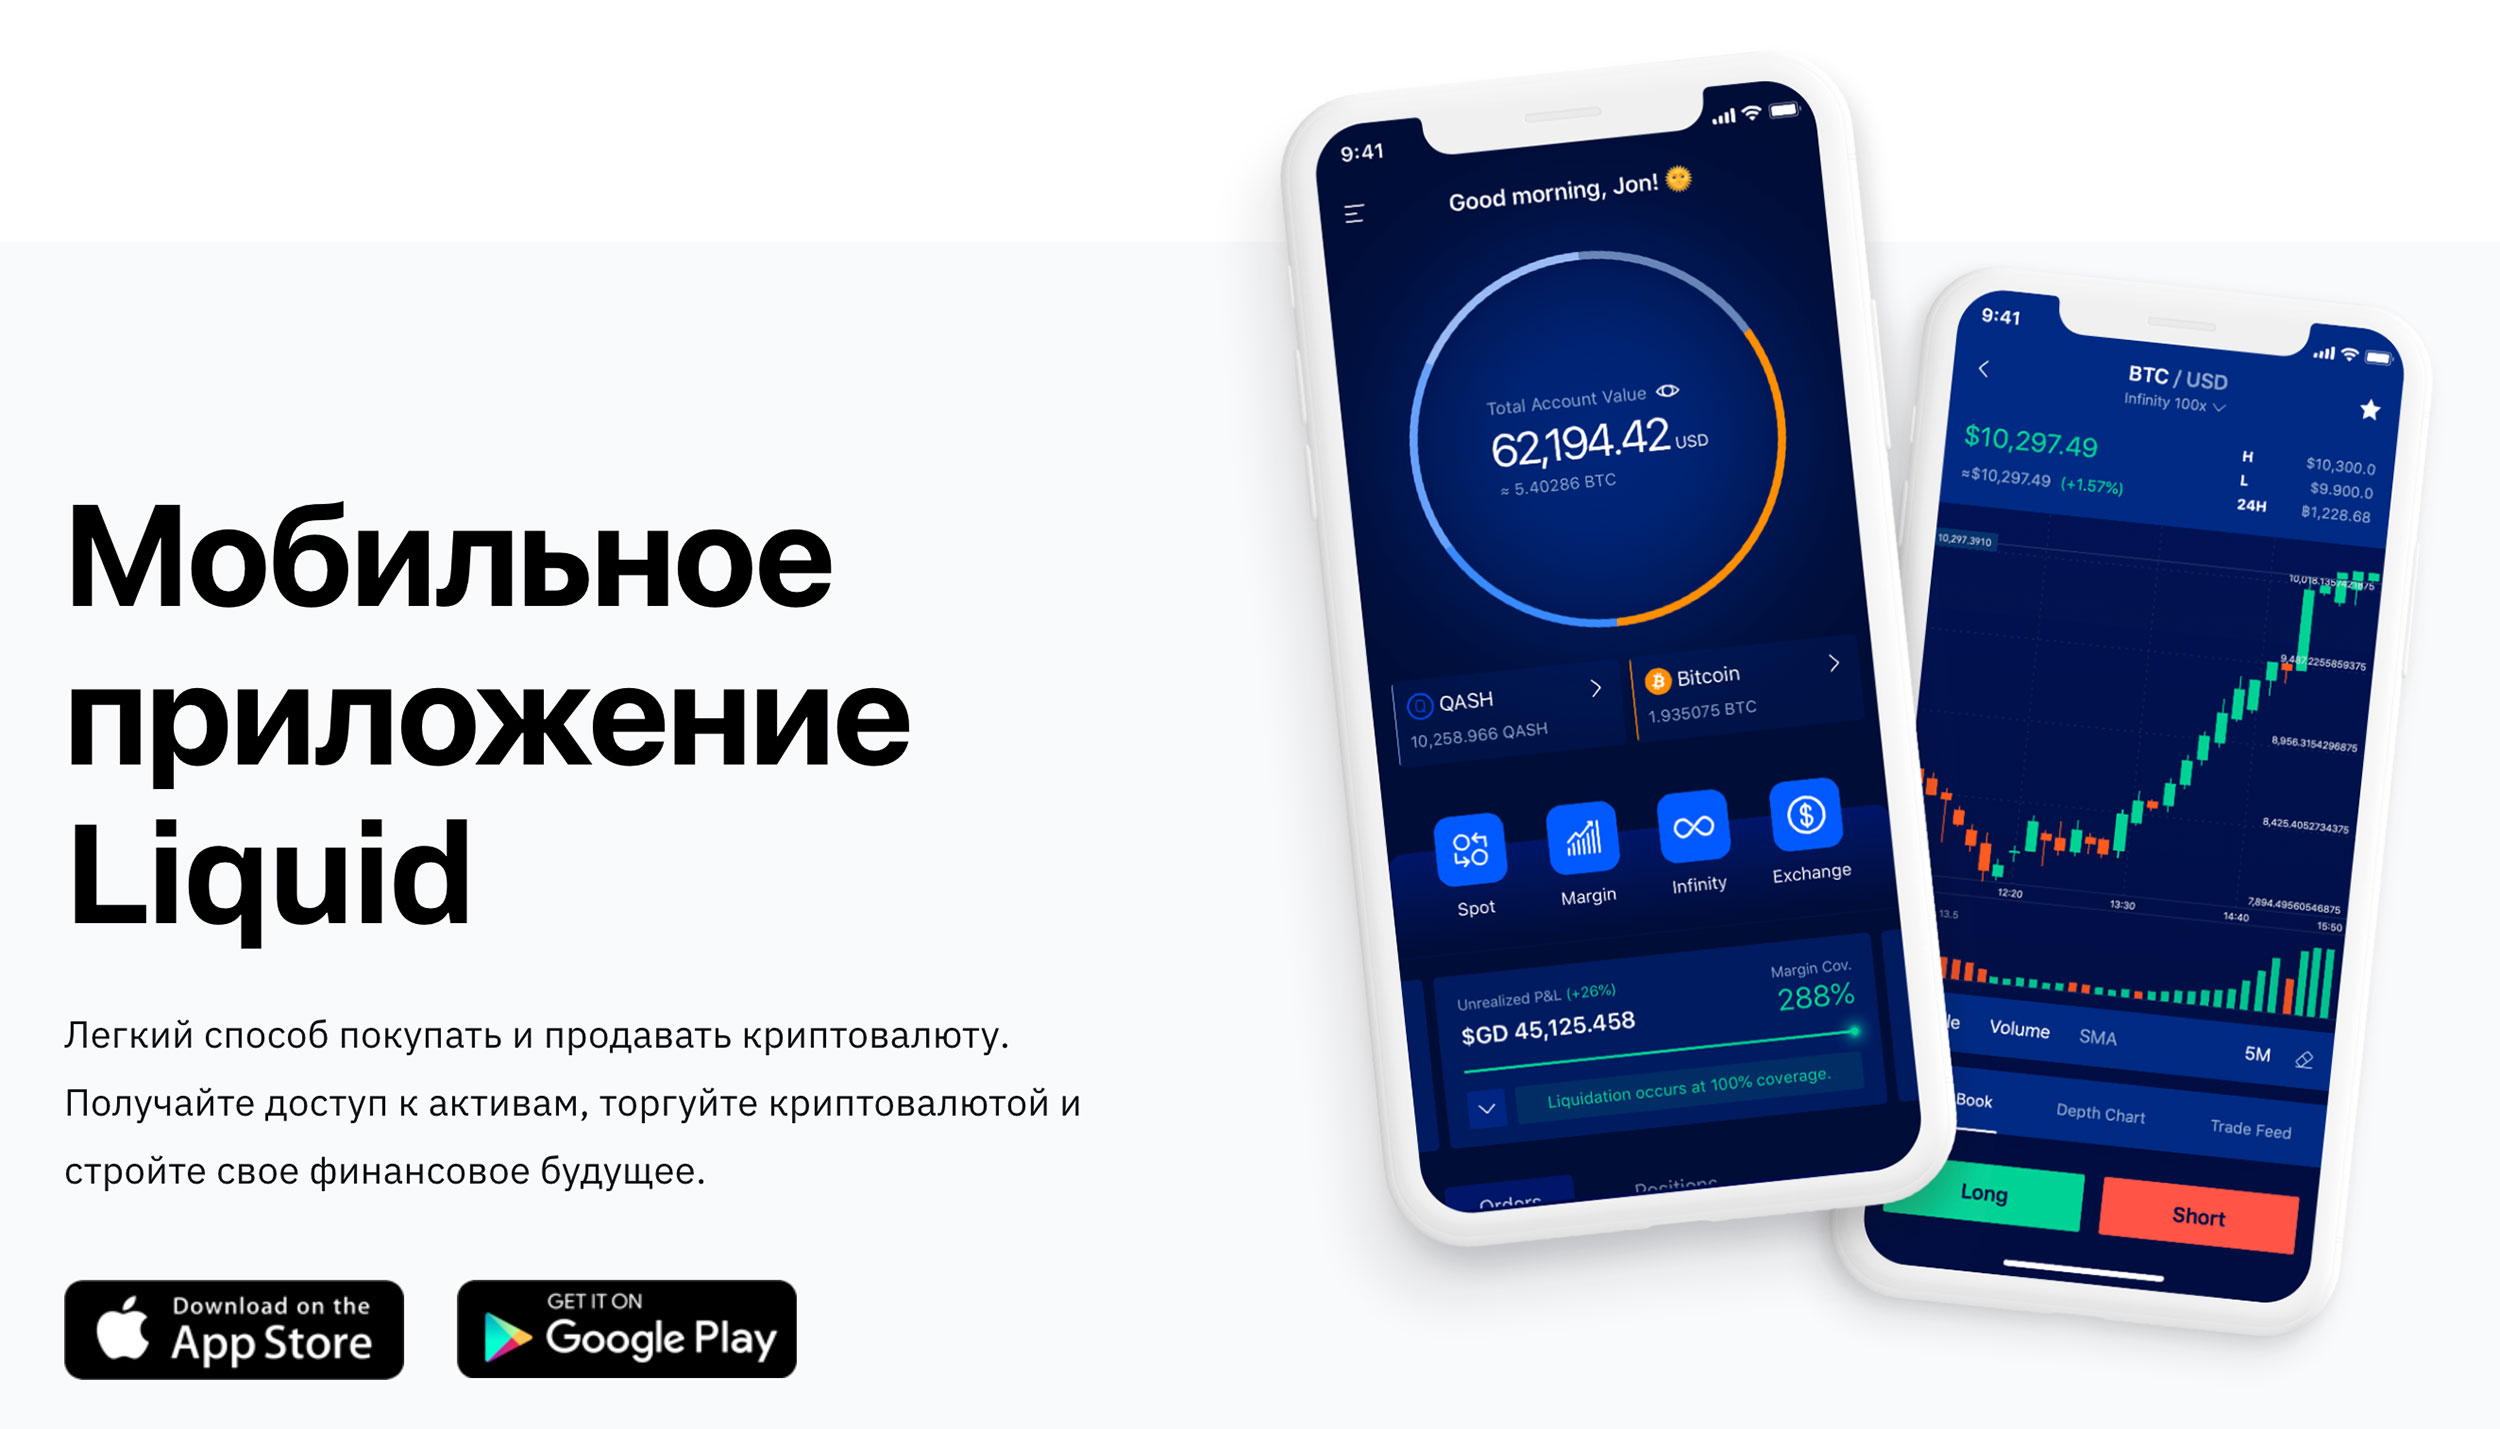 liquid мобильное приложение